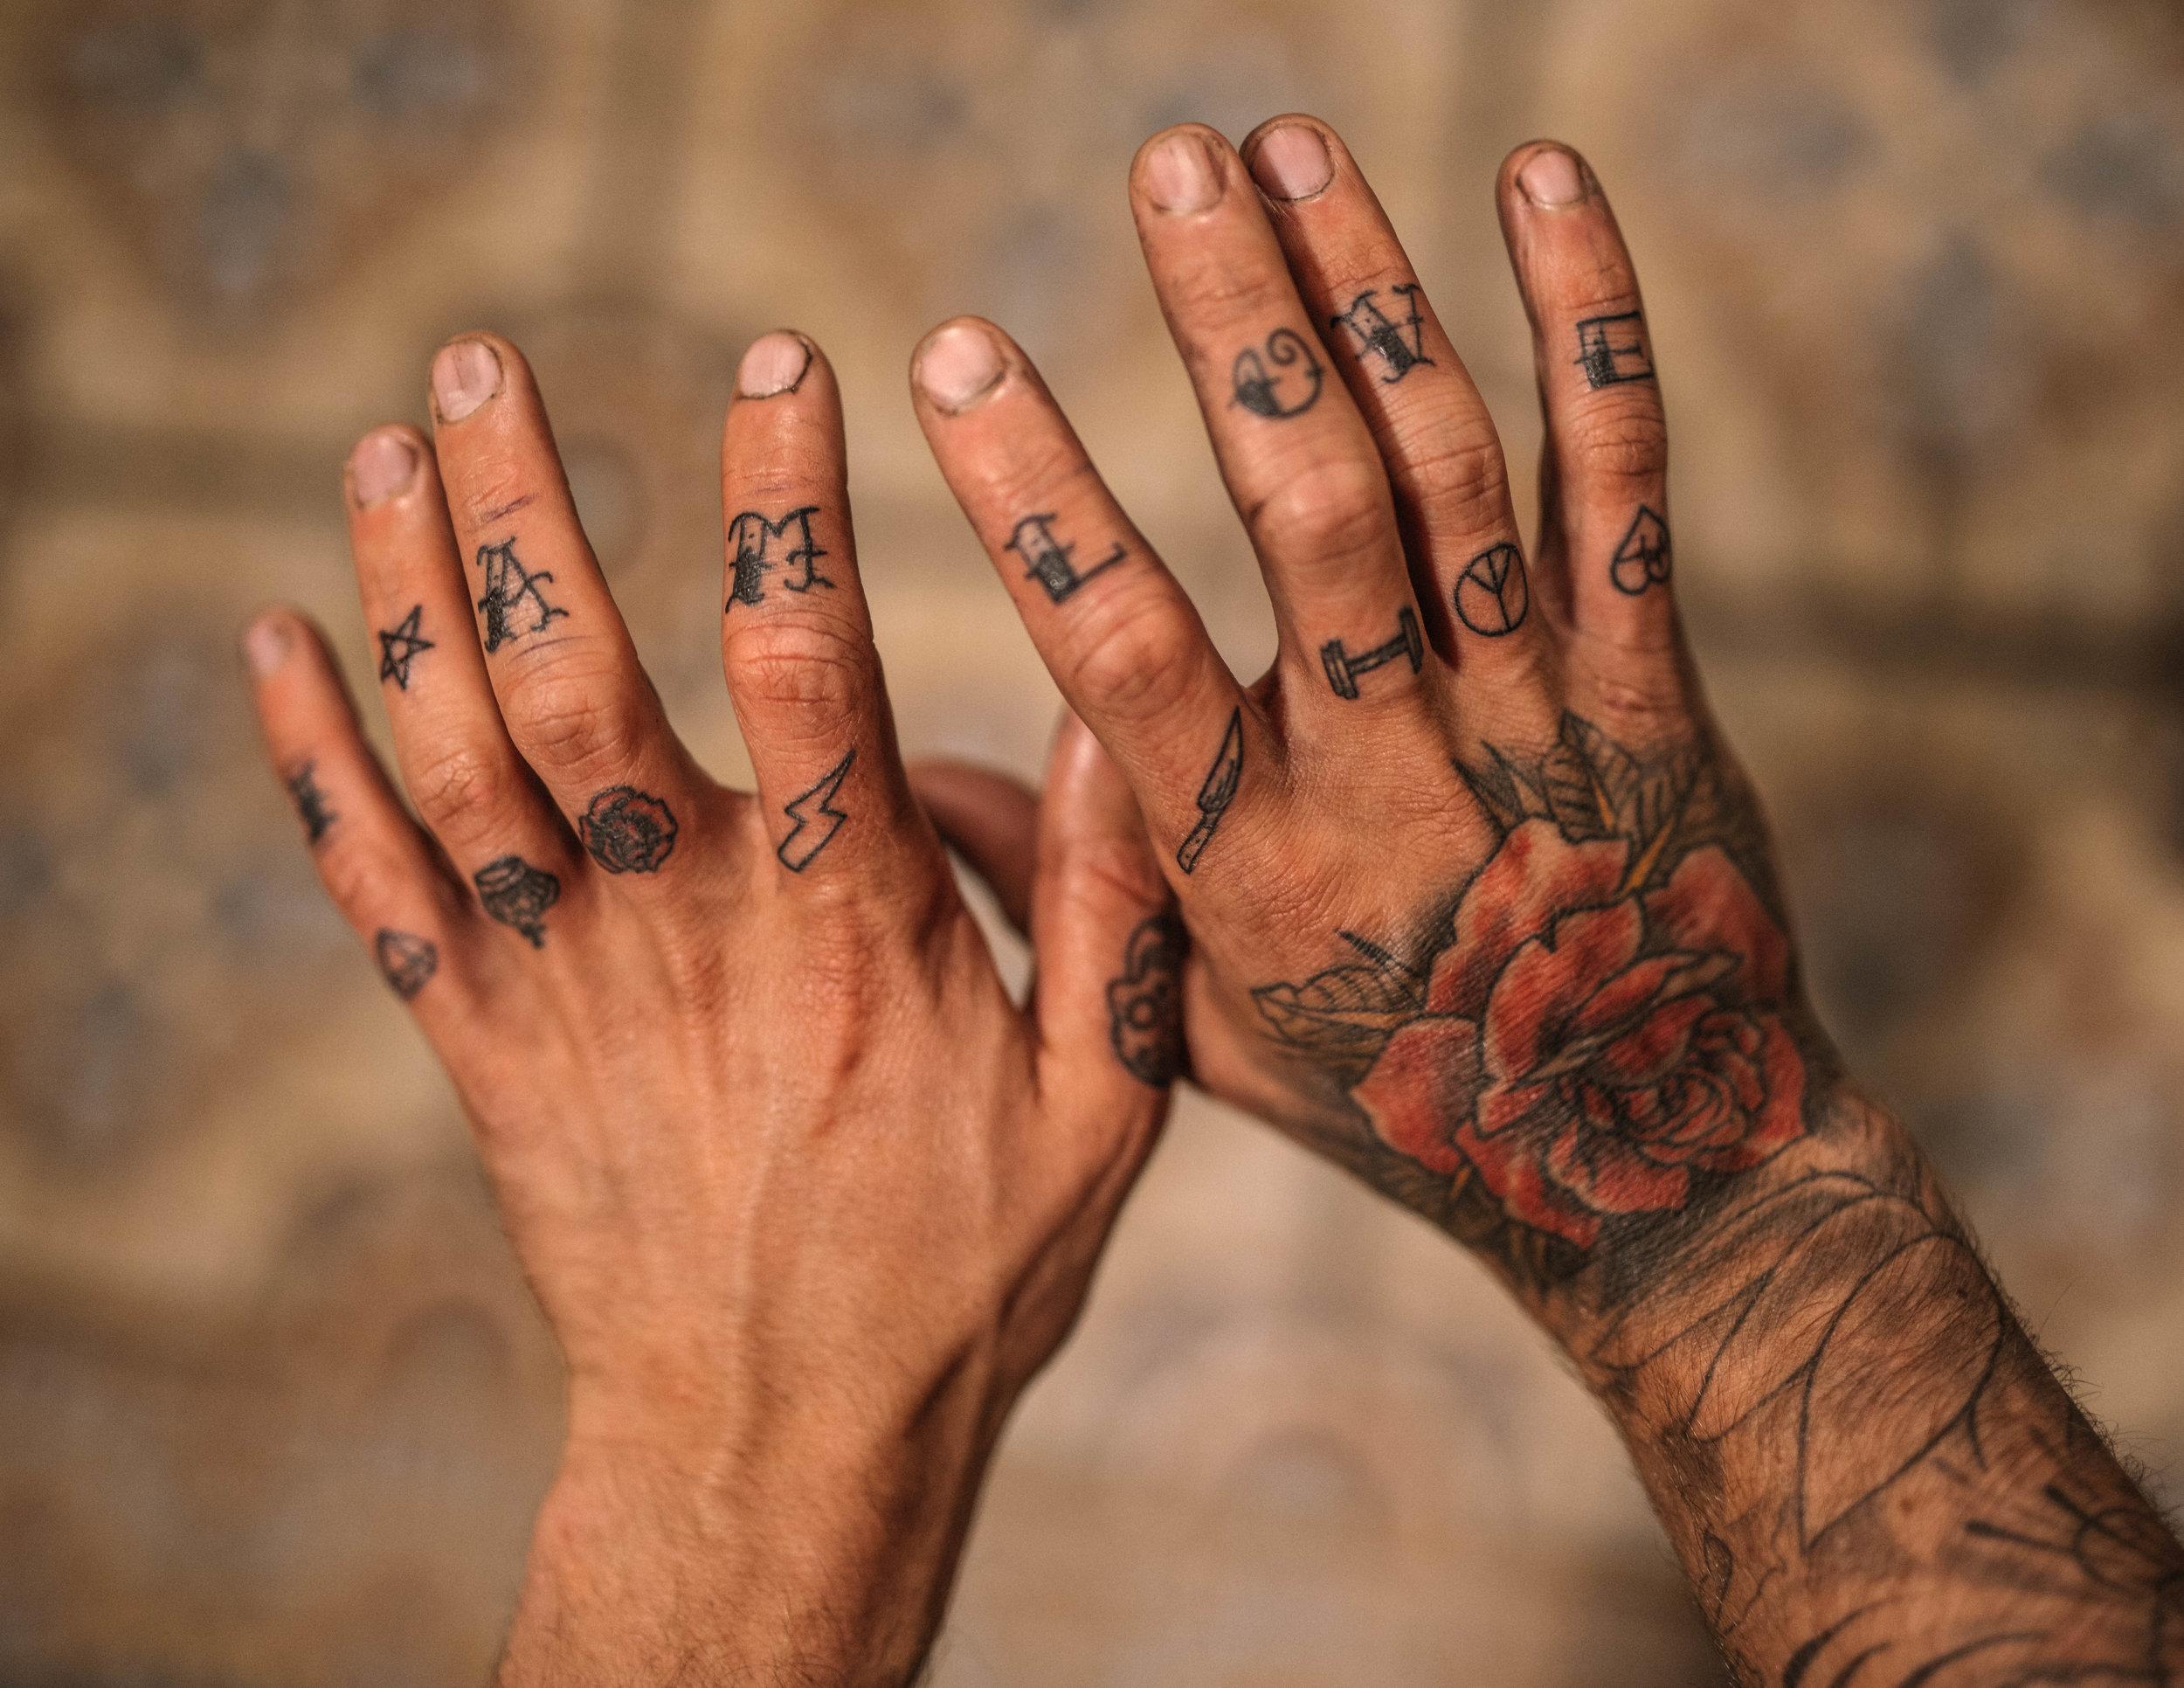 Tattoo Ses Nikita Nigelvdhorstcom